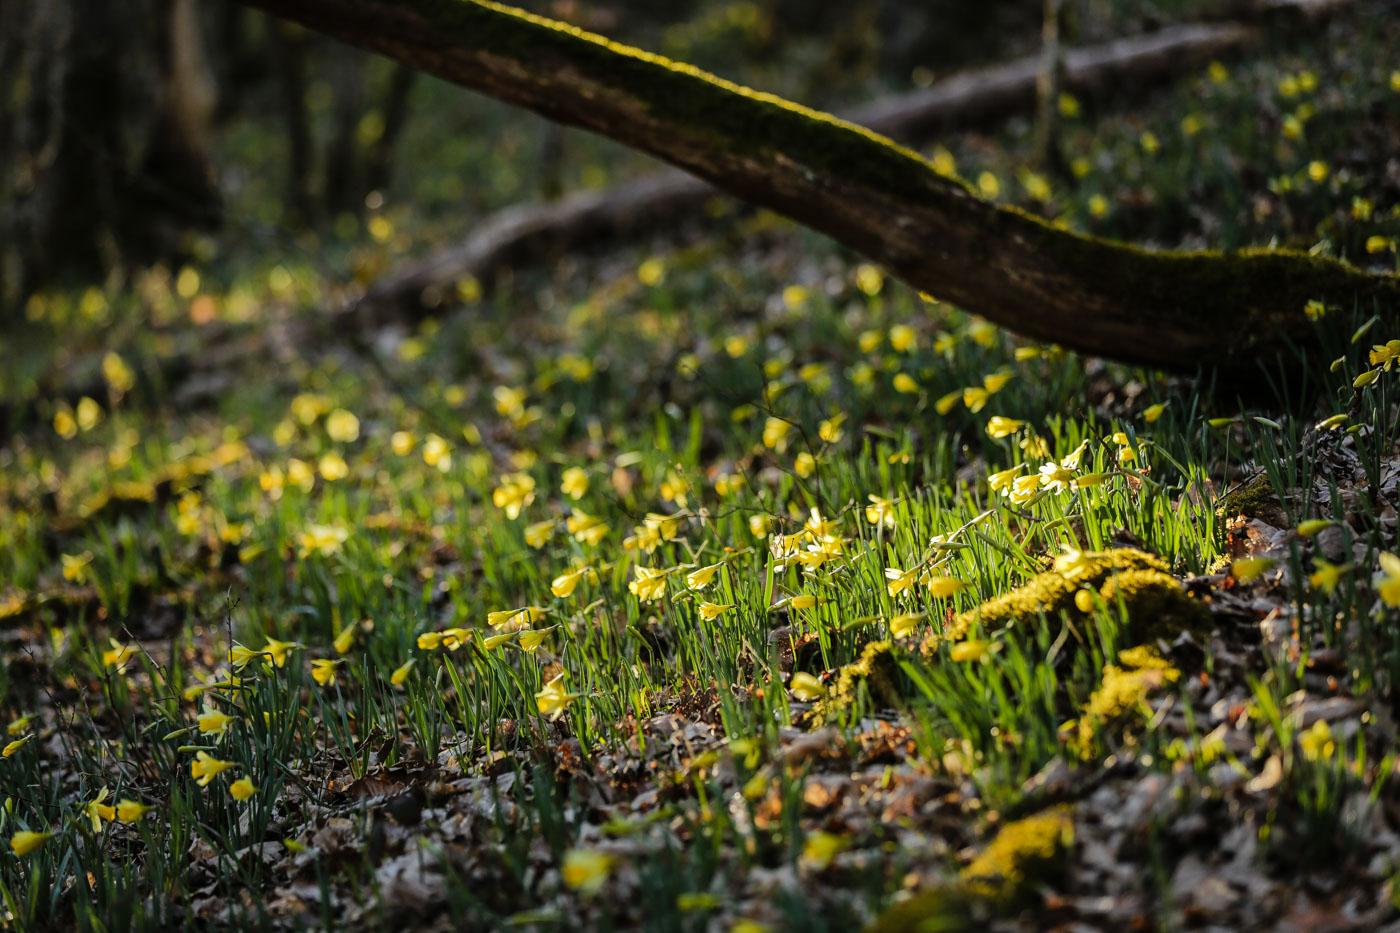 diariesof-daffodils-forest-lellingen-luxembourg-9801